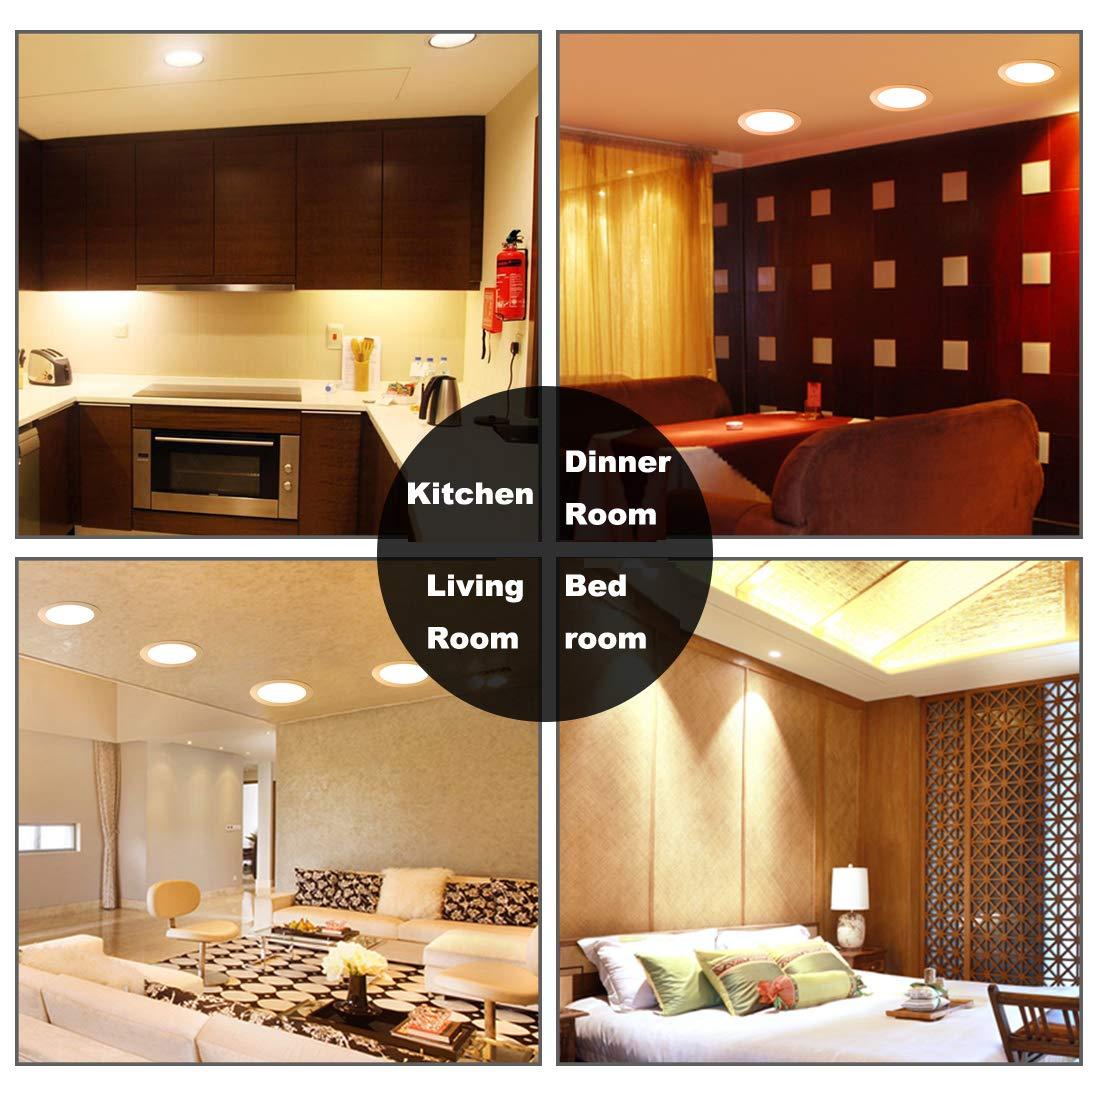 18W Luz de Techo Empotrada LED Redondo Panel de Luz Led Downlight Destacar Iluminaci/ón Cocina Ba/ño Corredor 4000K Neutral White Tama/ño del Agujero 20.5CM